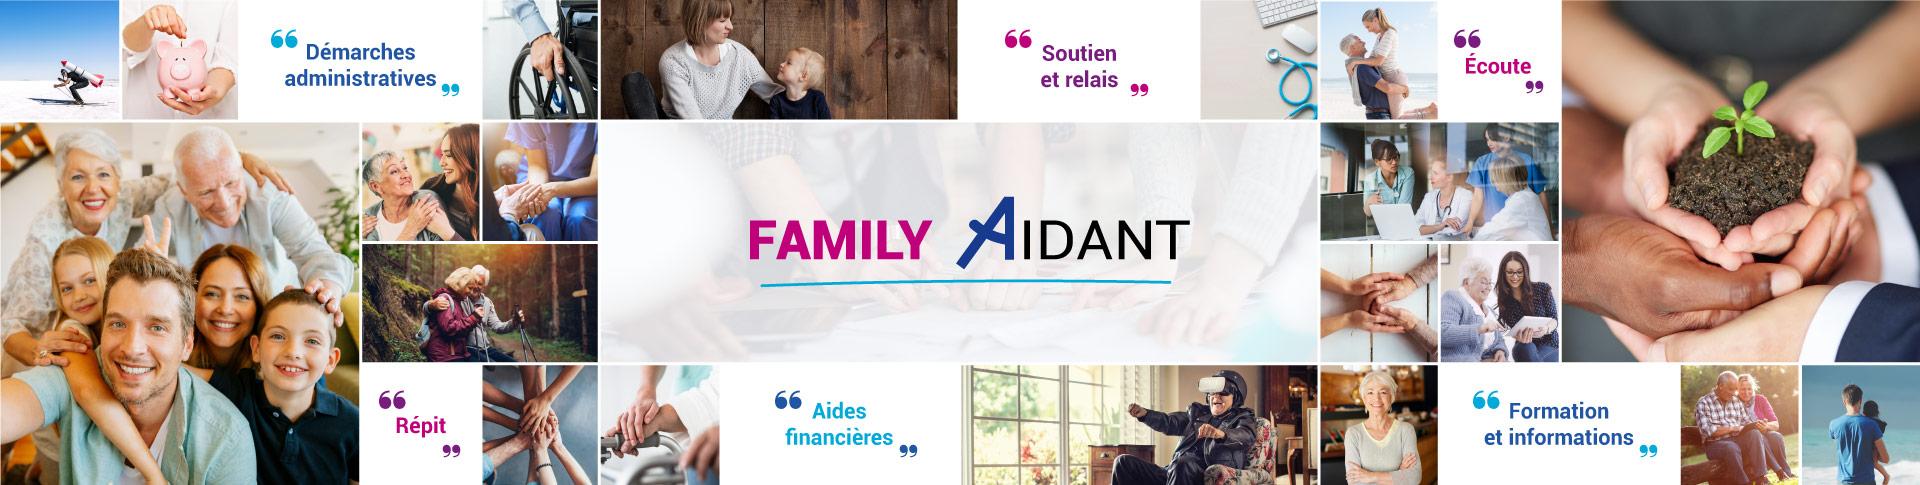 Family Aidant assurance pour les aidants